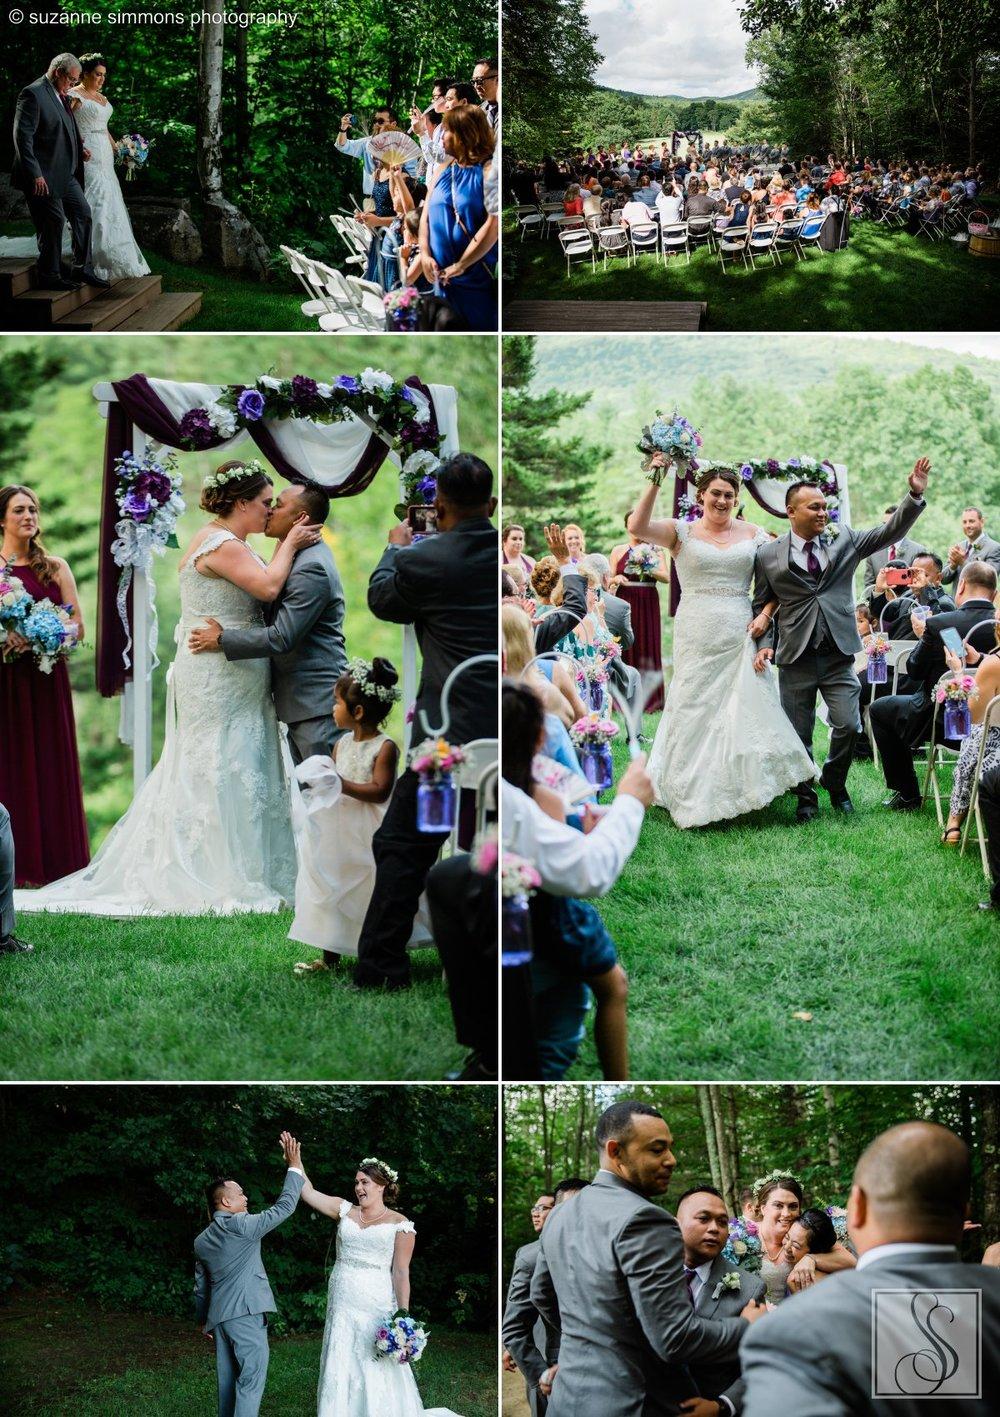 Wedding ceremony in Jackson, New Hampshire